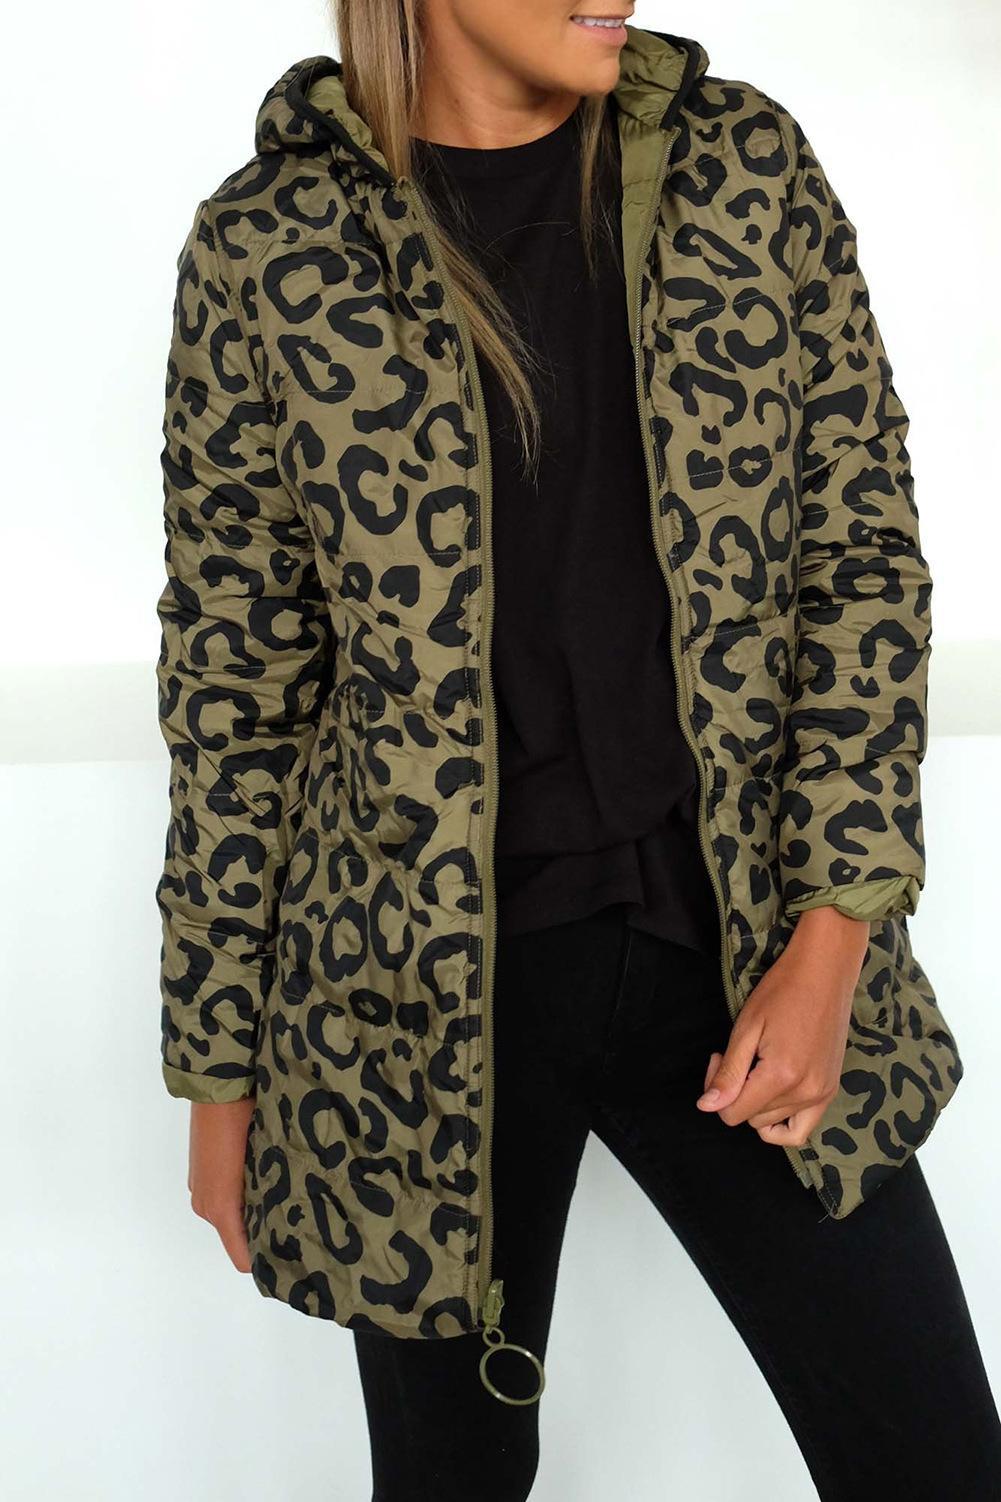 Mujeres Lepard impresos rellenados Parkas 2020 chaqueta de la capa de moda de invierno frío con capucha de Down Parka cremallera Ambos Lados-Básico Outwear T200917